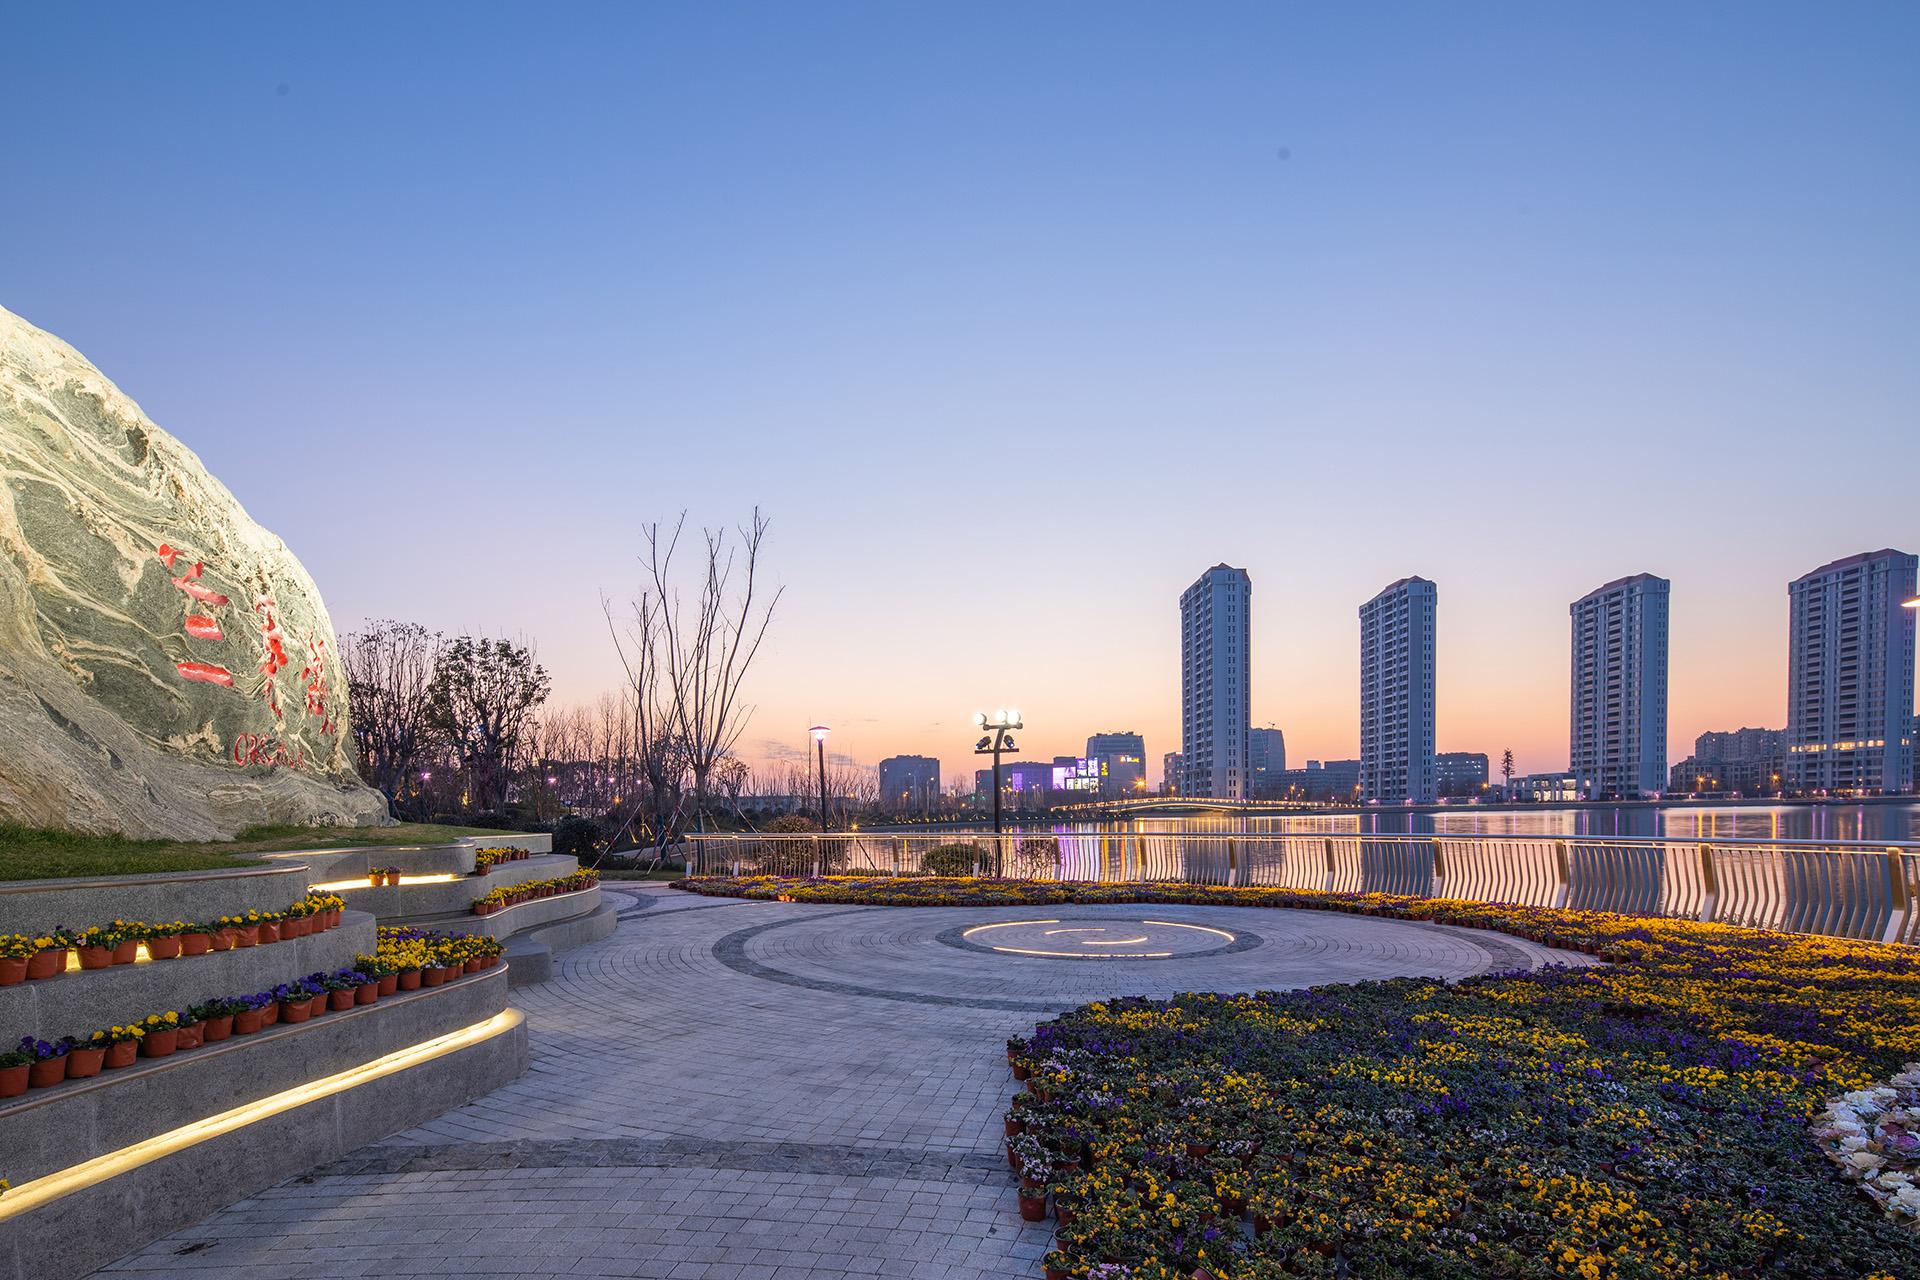 打造生态清洁小流域 闵行兰香湖壹号再升级